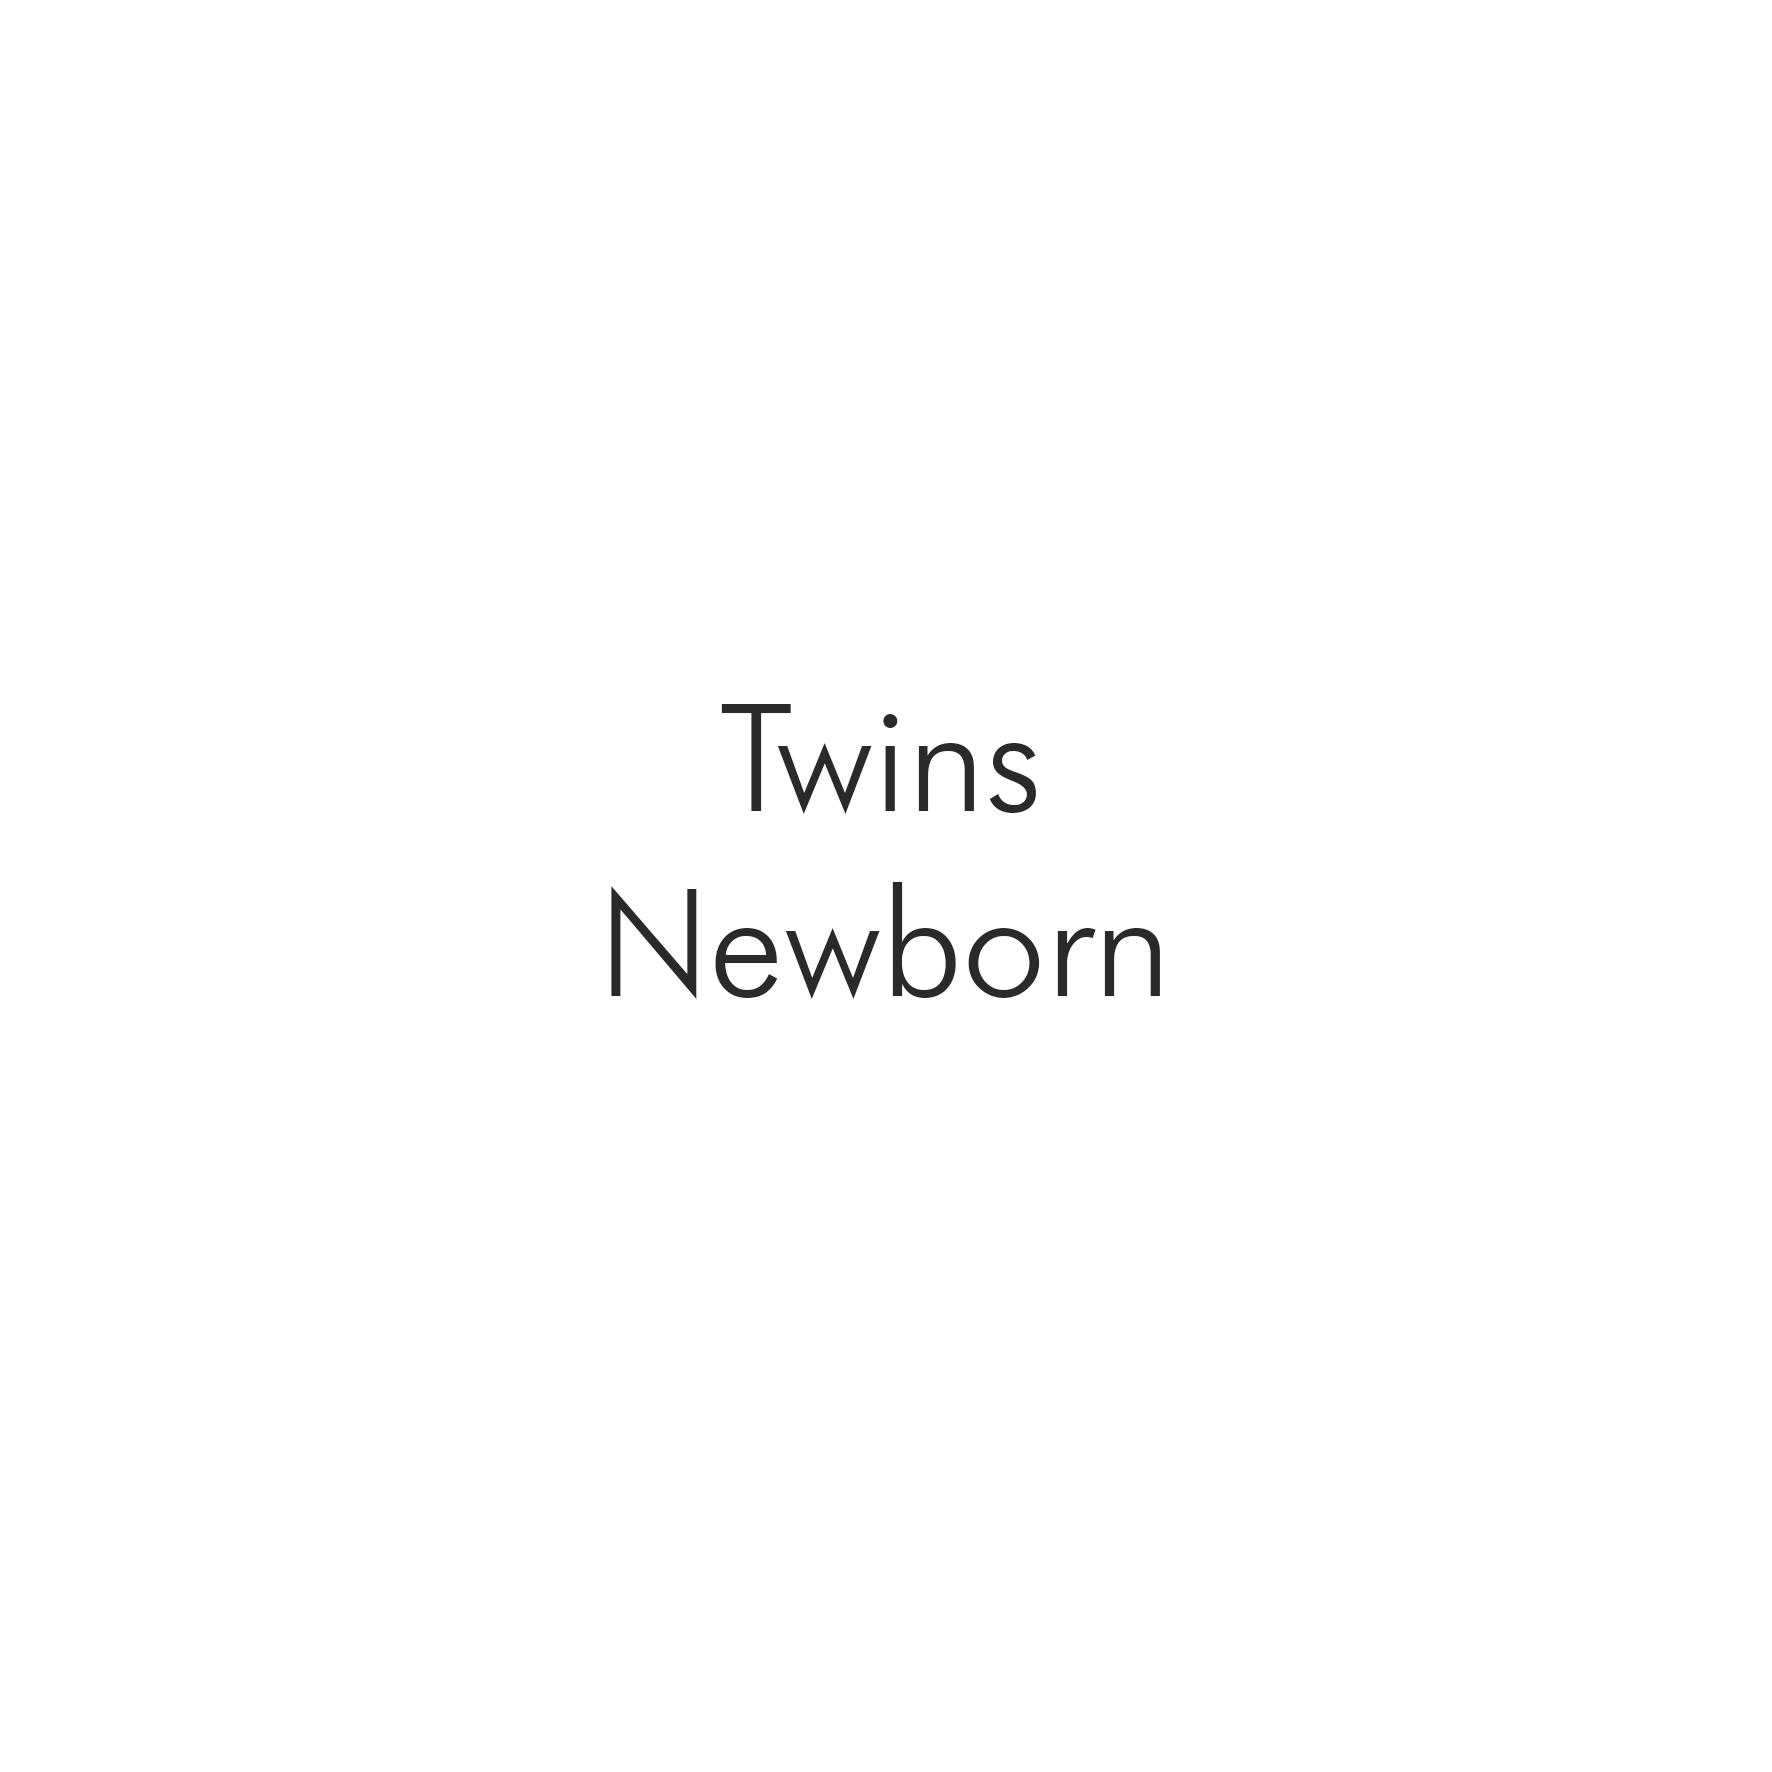 Twins Newborn.png